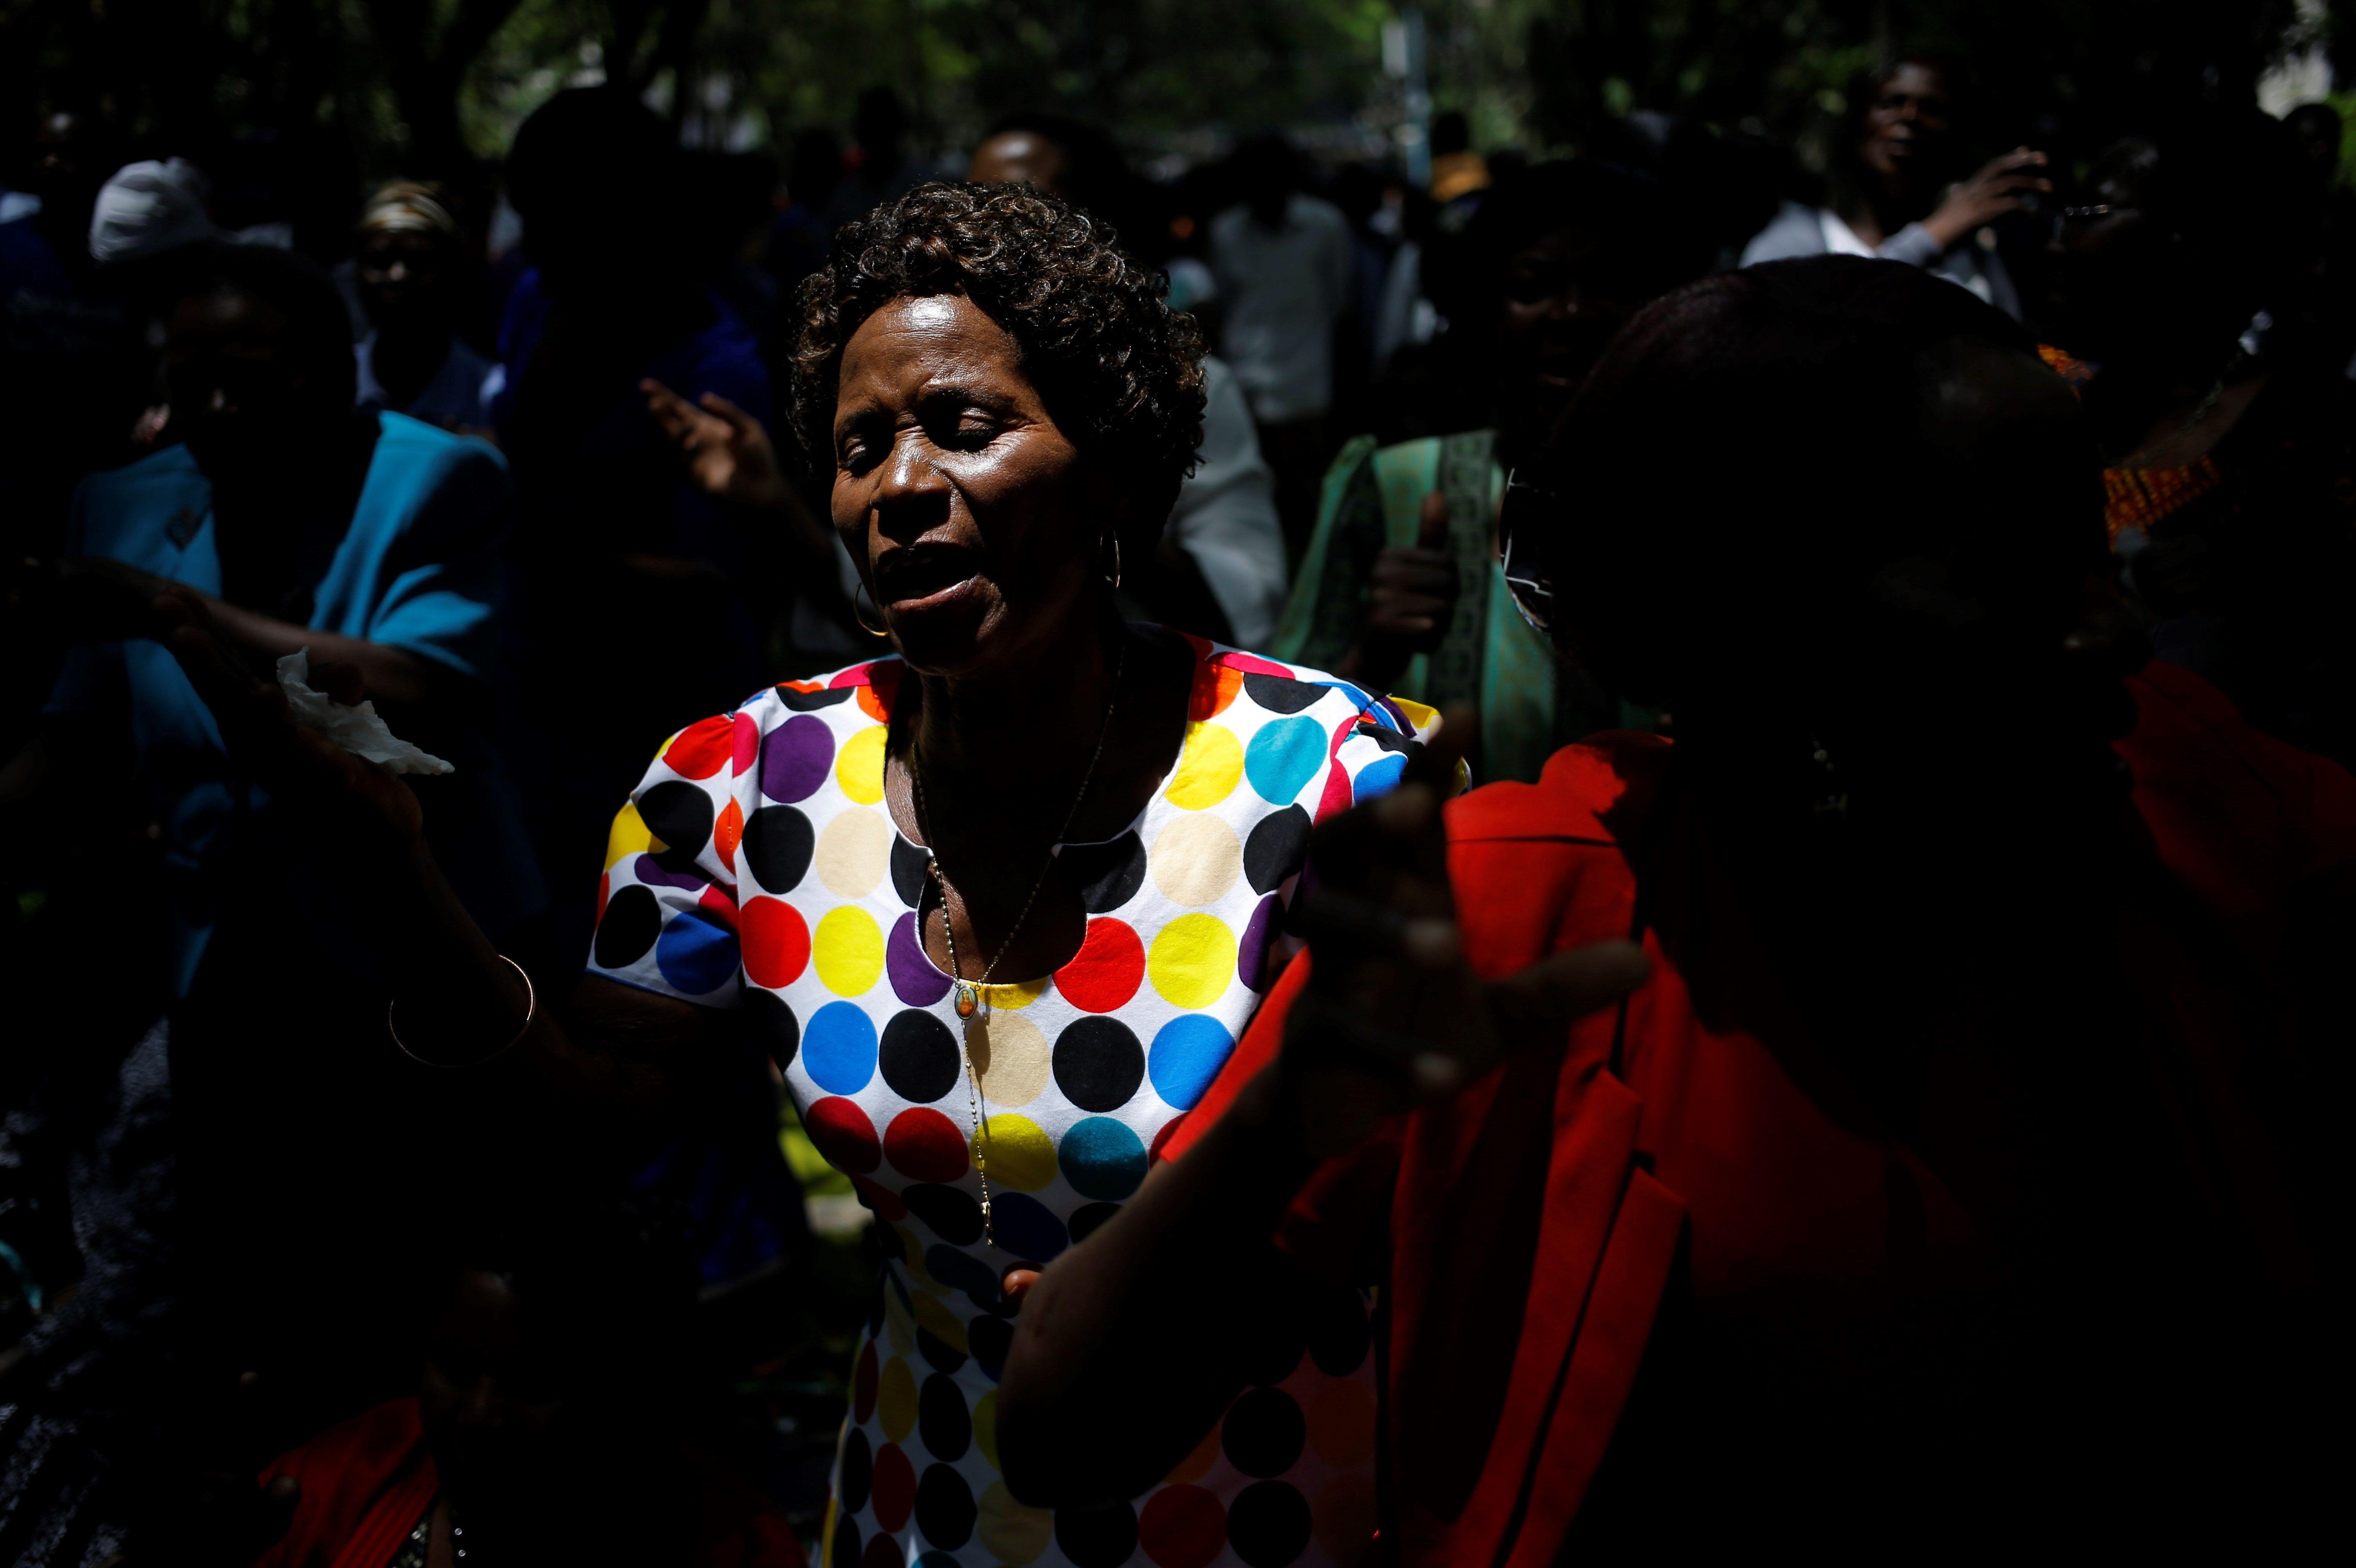 Manifestants protesten davant el Parlament de Zimbàbue, que celebra una sessió per tractar una moció de censura contra el president Robert Mugabe. /KIM LUDBROOK